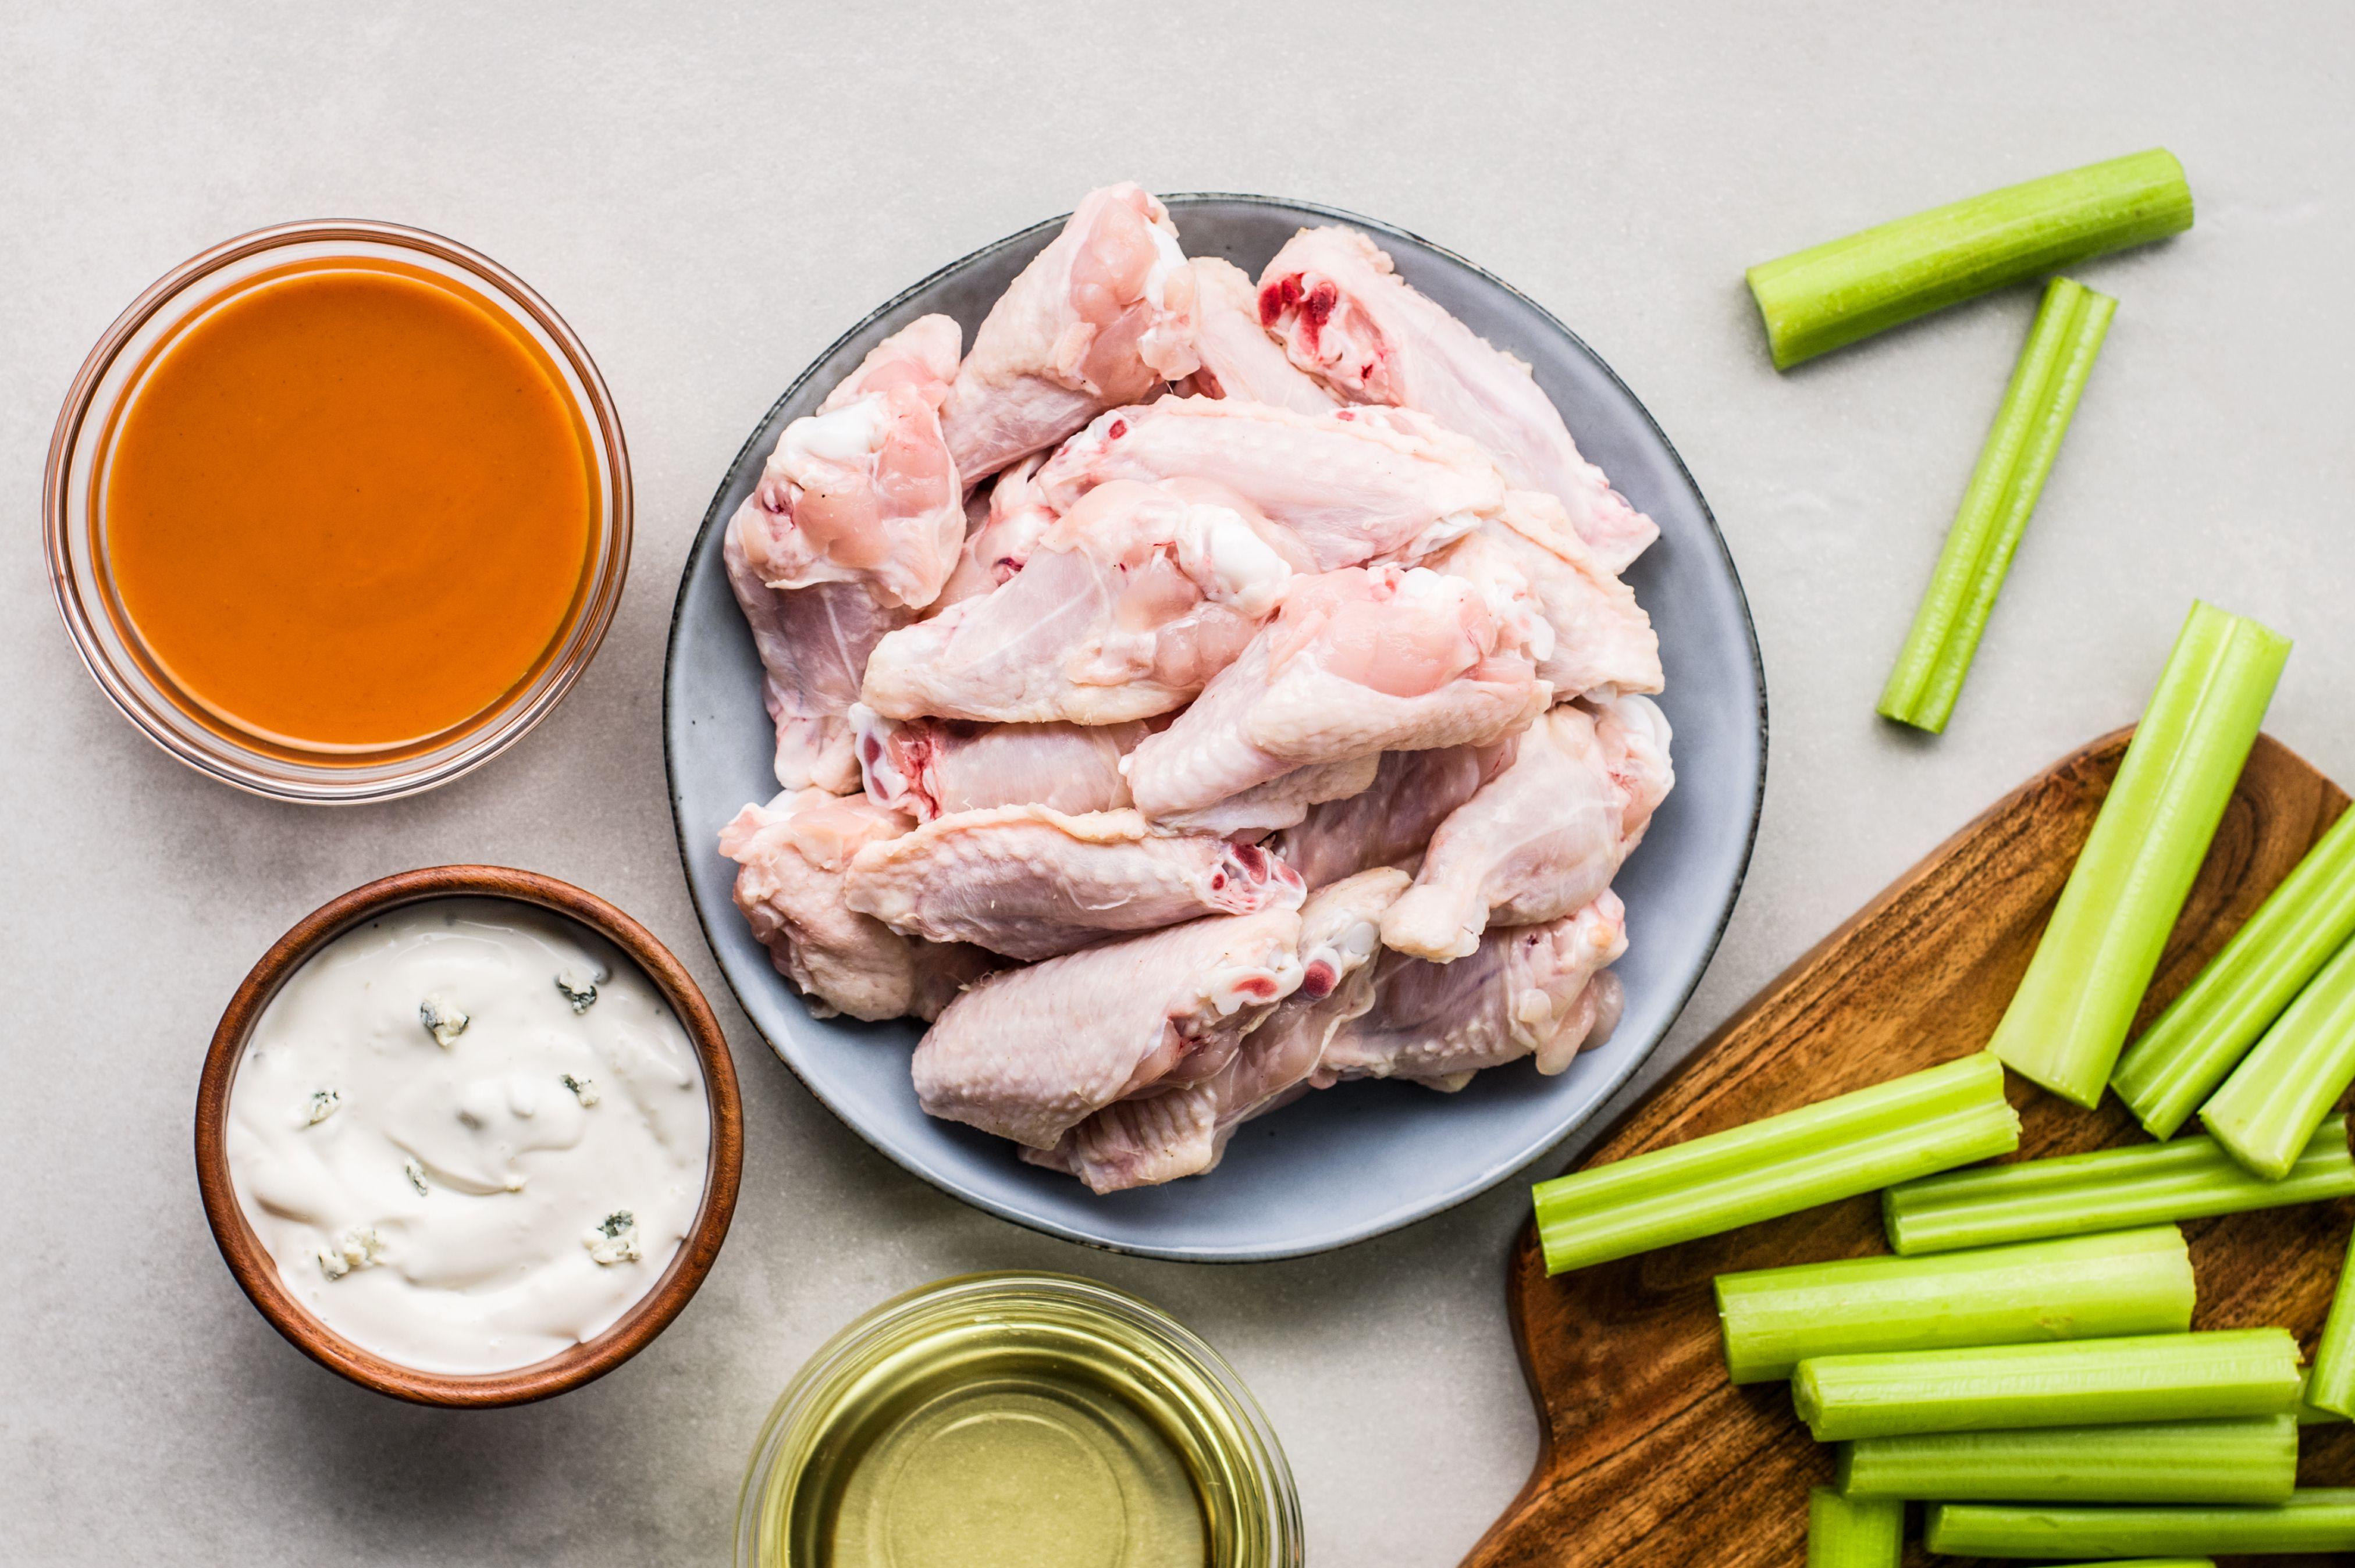 Buffalo Chicken Wings recipe ingredients